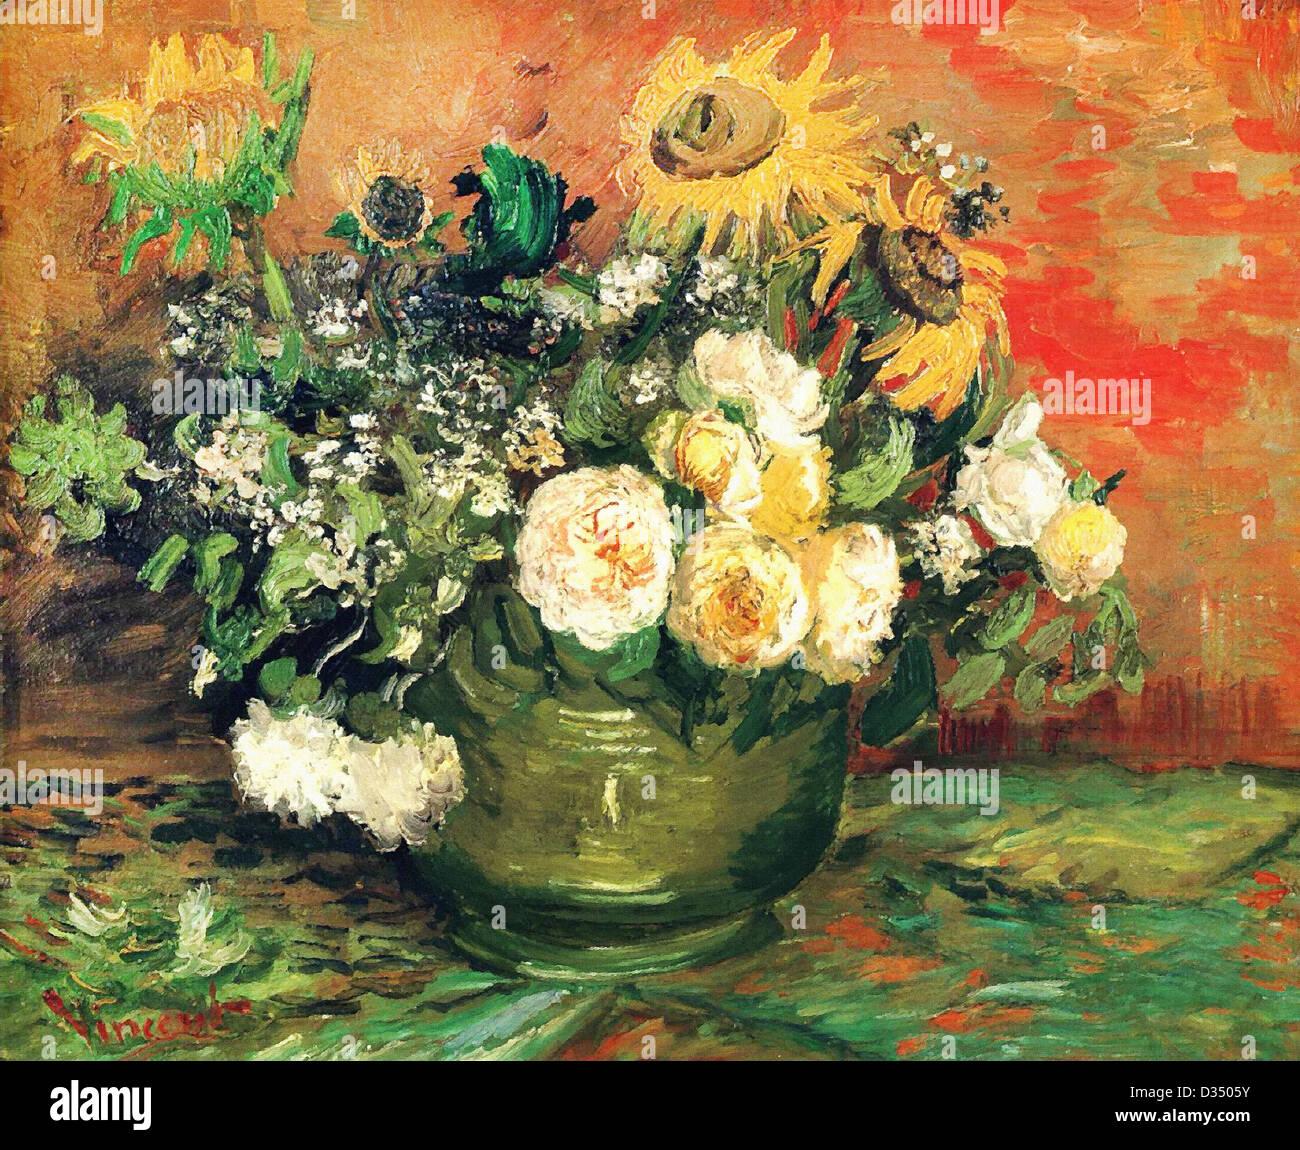 Vincent van Gogh, Still Life con rose e girasoli. 1886. Post-Impressionism. Olio su tela. Stadtische Kunsthalle Immagini Stock